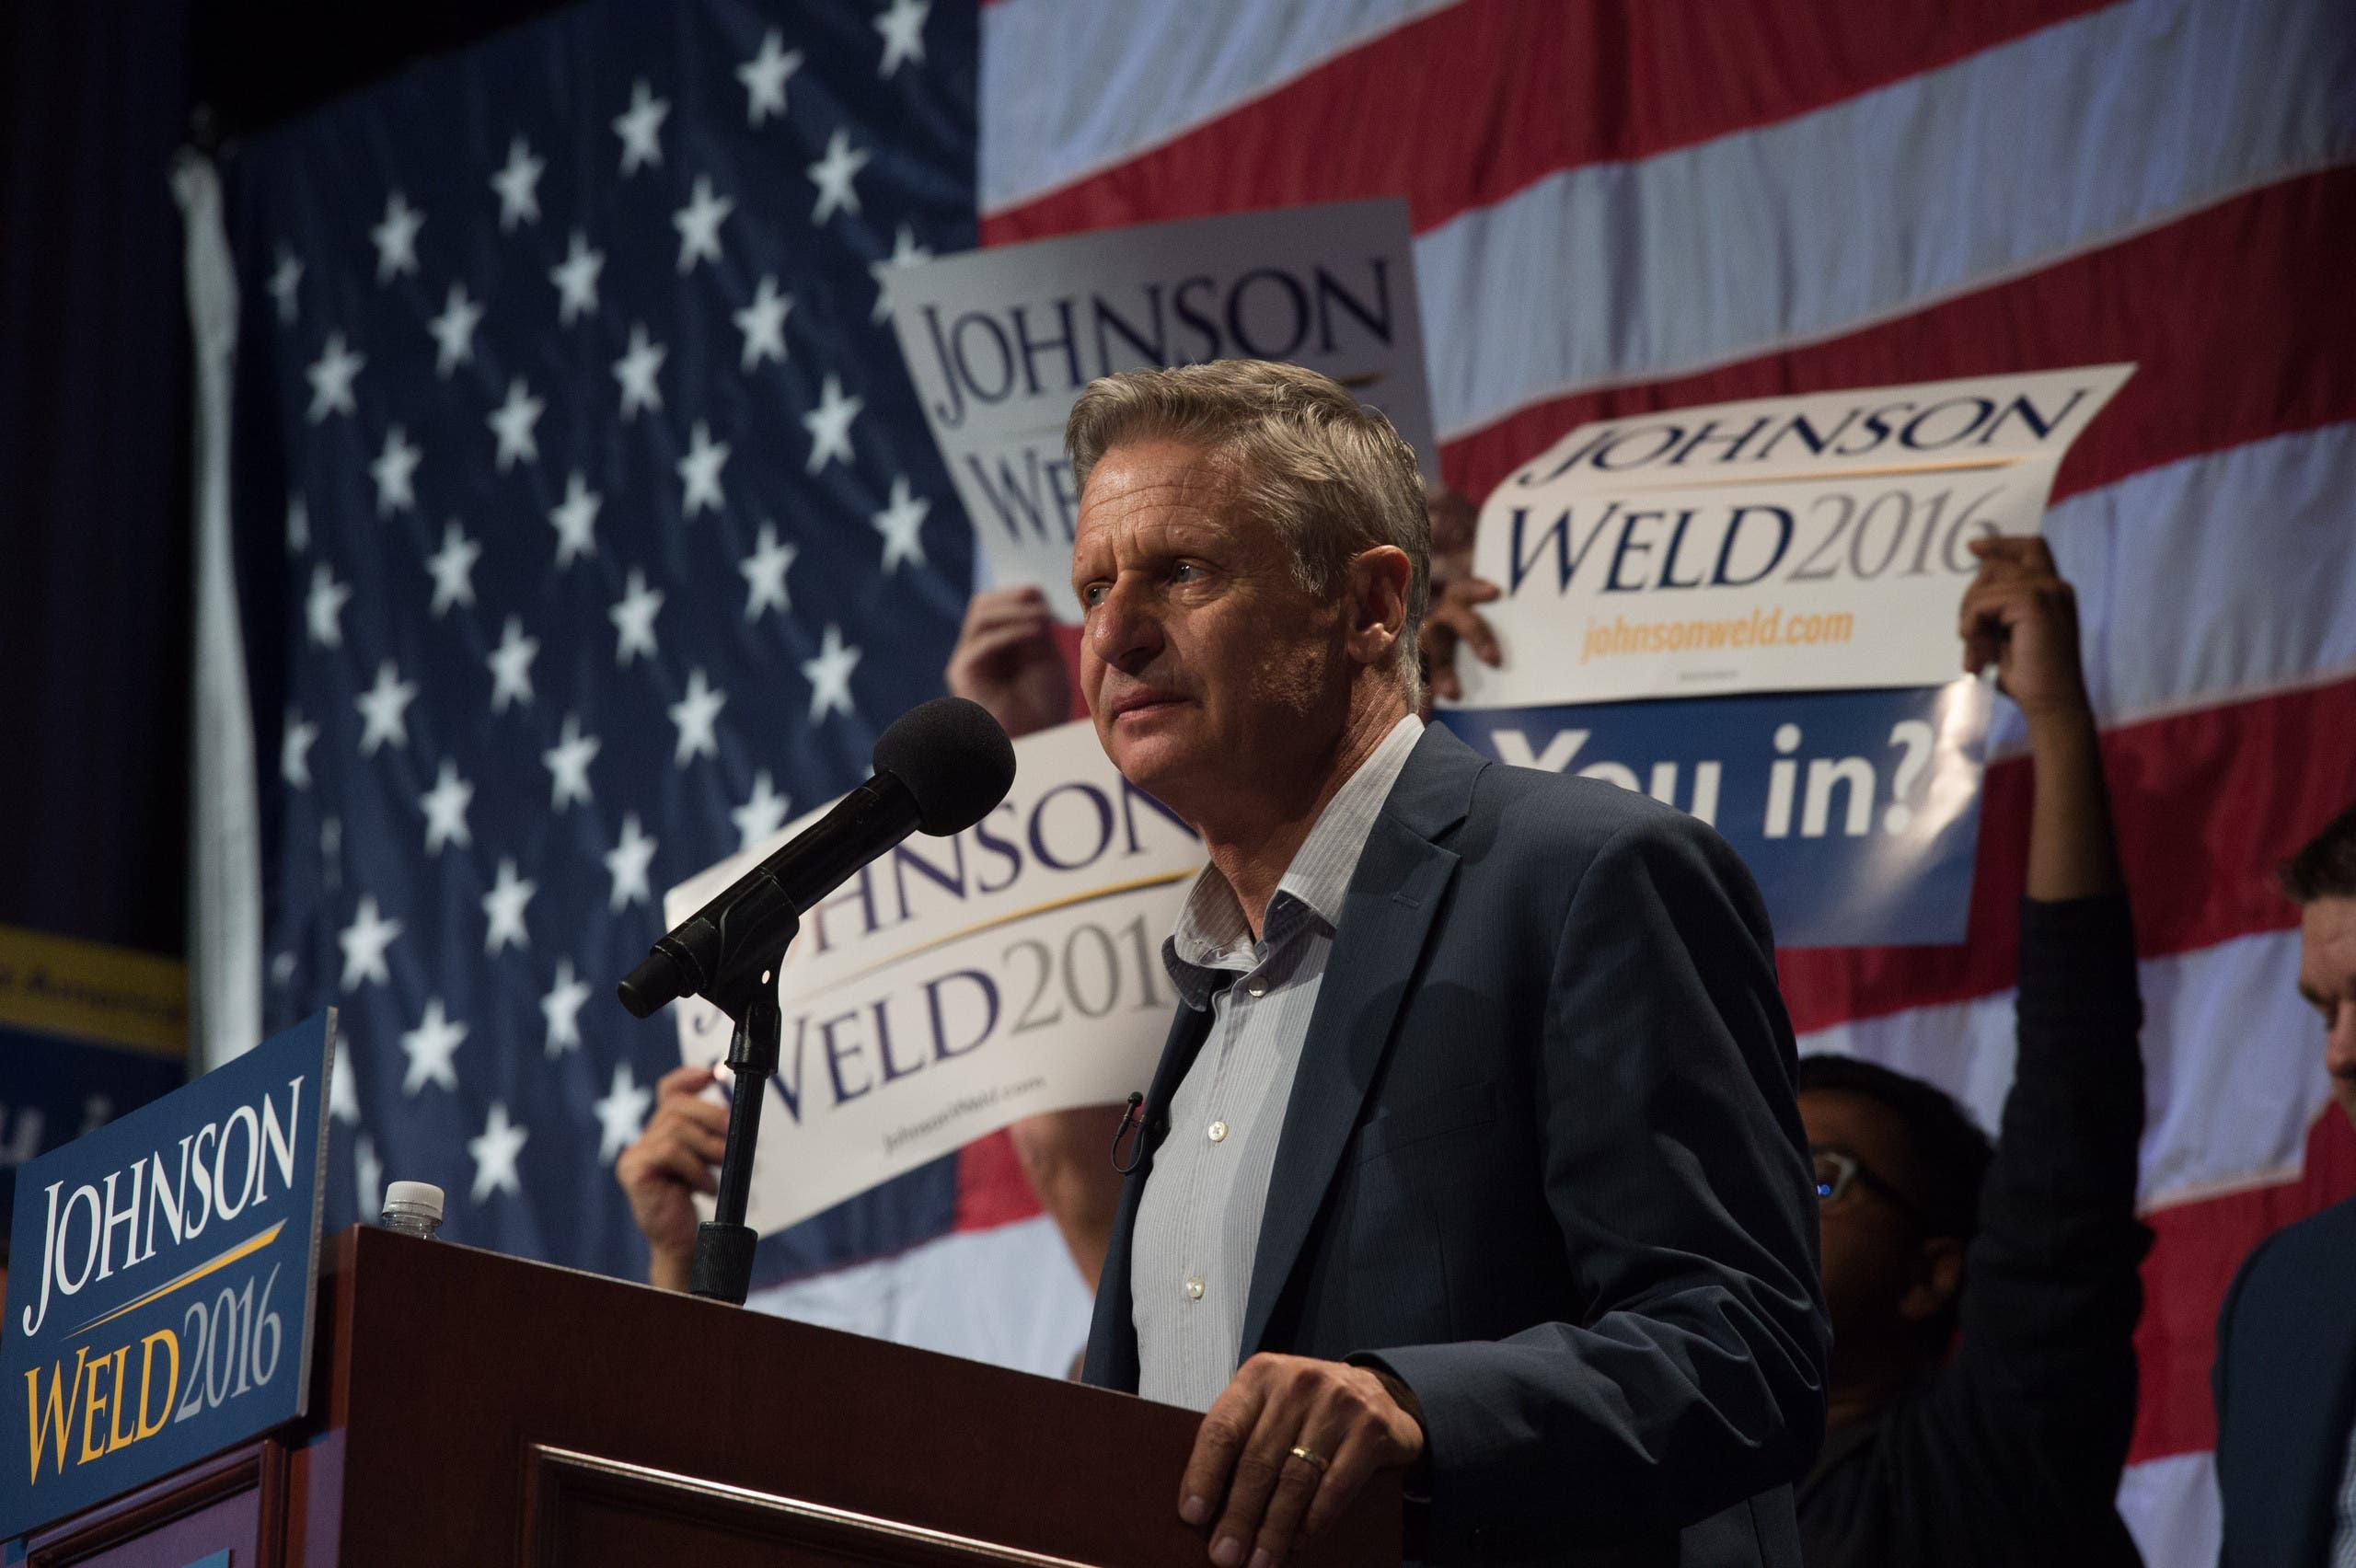 غاري جونسون خلال أحد مؤتمراته الانتخابية